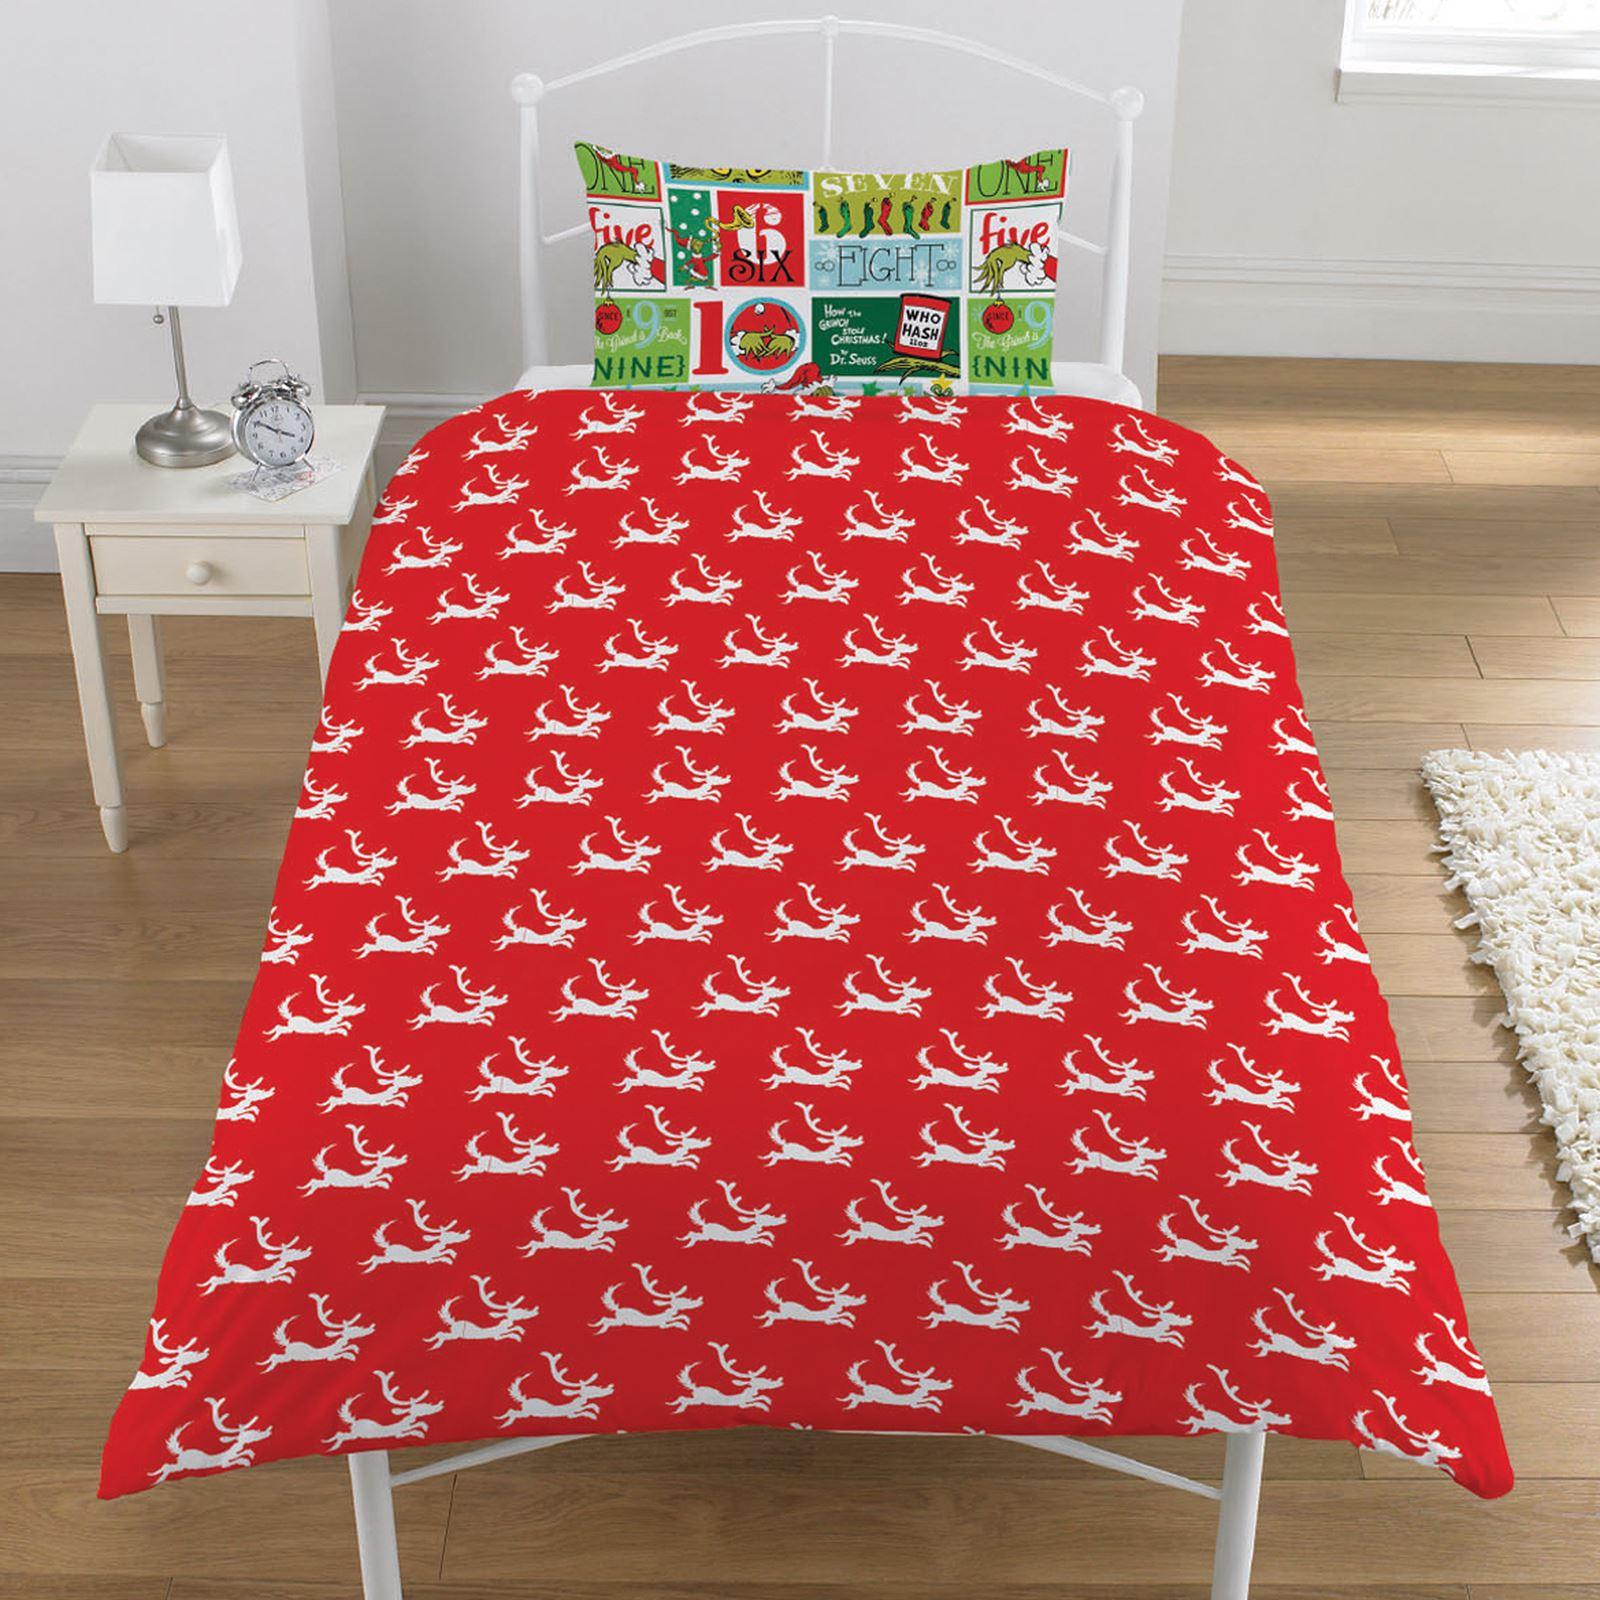 Indexbild 89 - Kinder Weihnachten Bettbezug Sets - Junior Einzel Doppel King - Elf Emoji Grinch